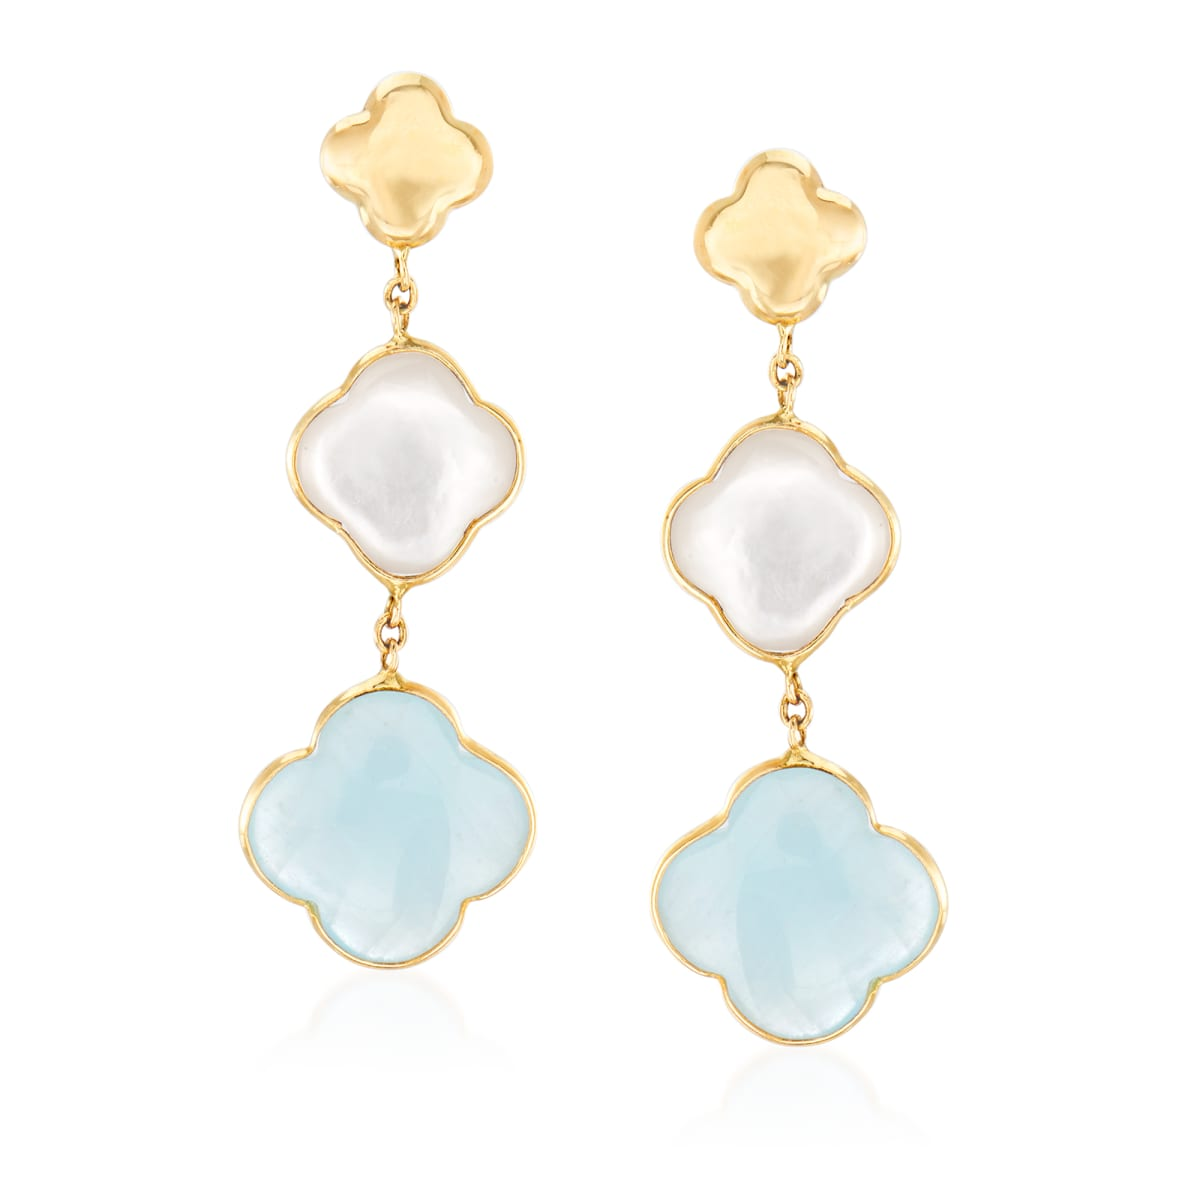 Earrings Gold pearl earrings Pendants Italian jewellery chic earrings Elegant Pearl gold earrings Drop Earrings Italian Jewelry Chic